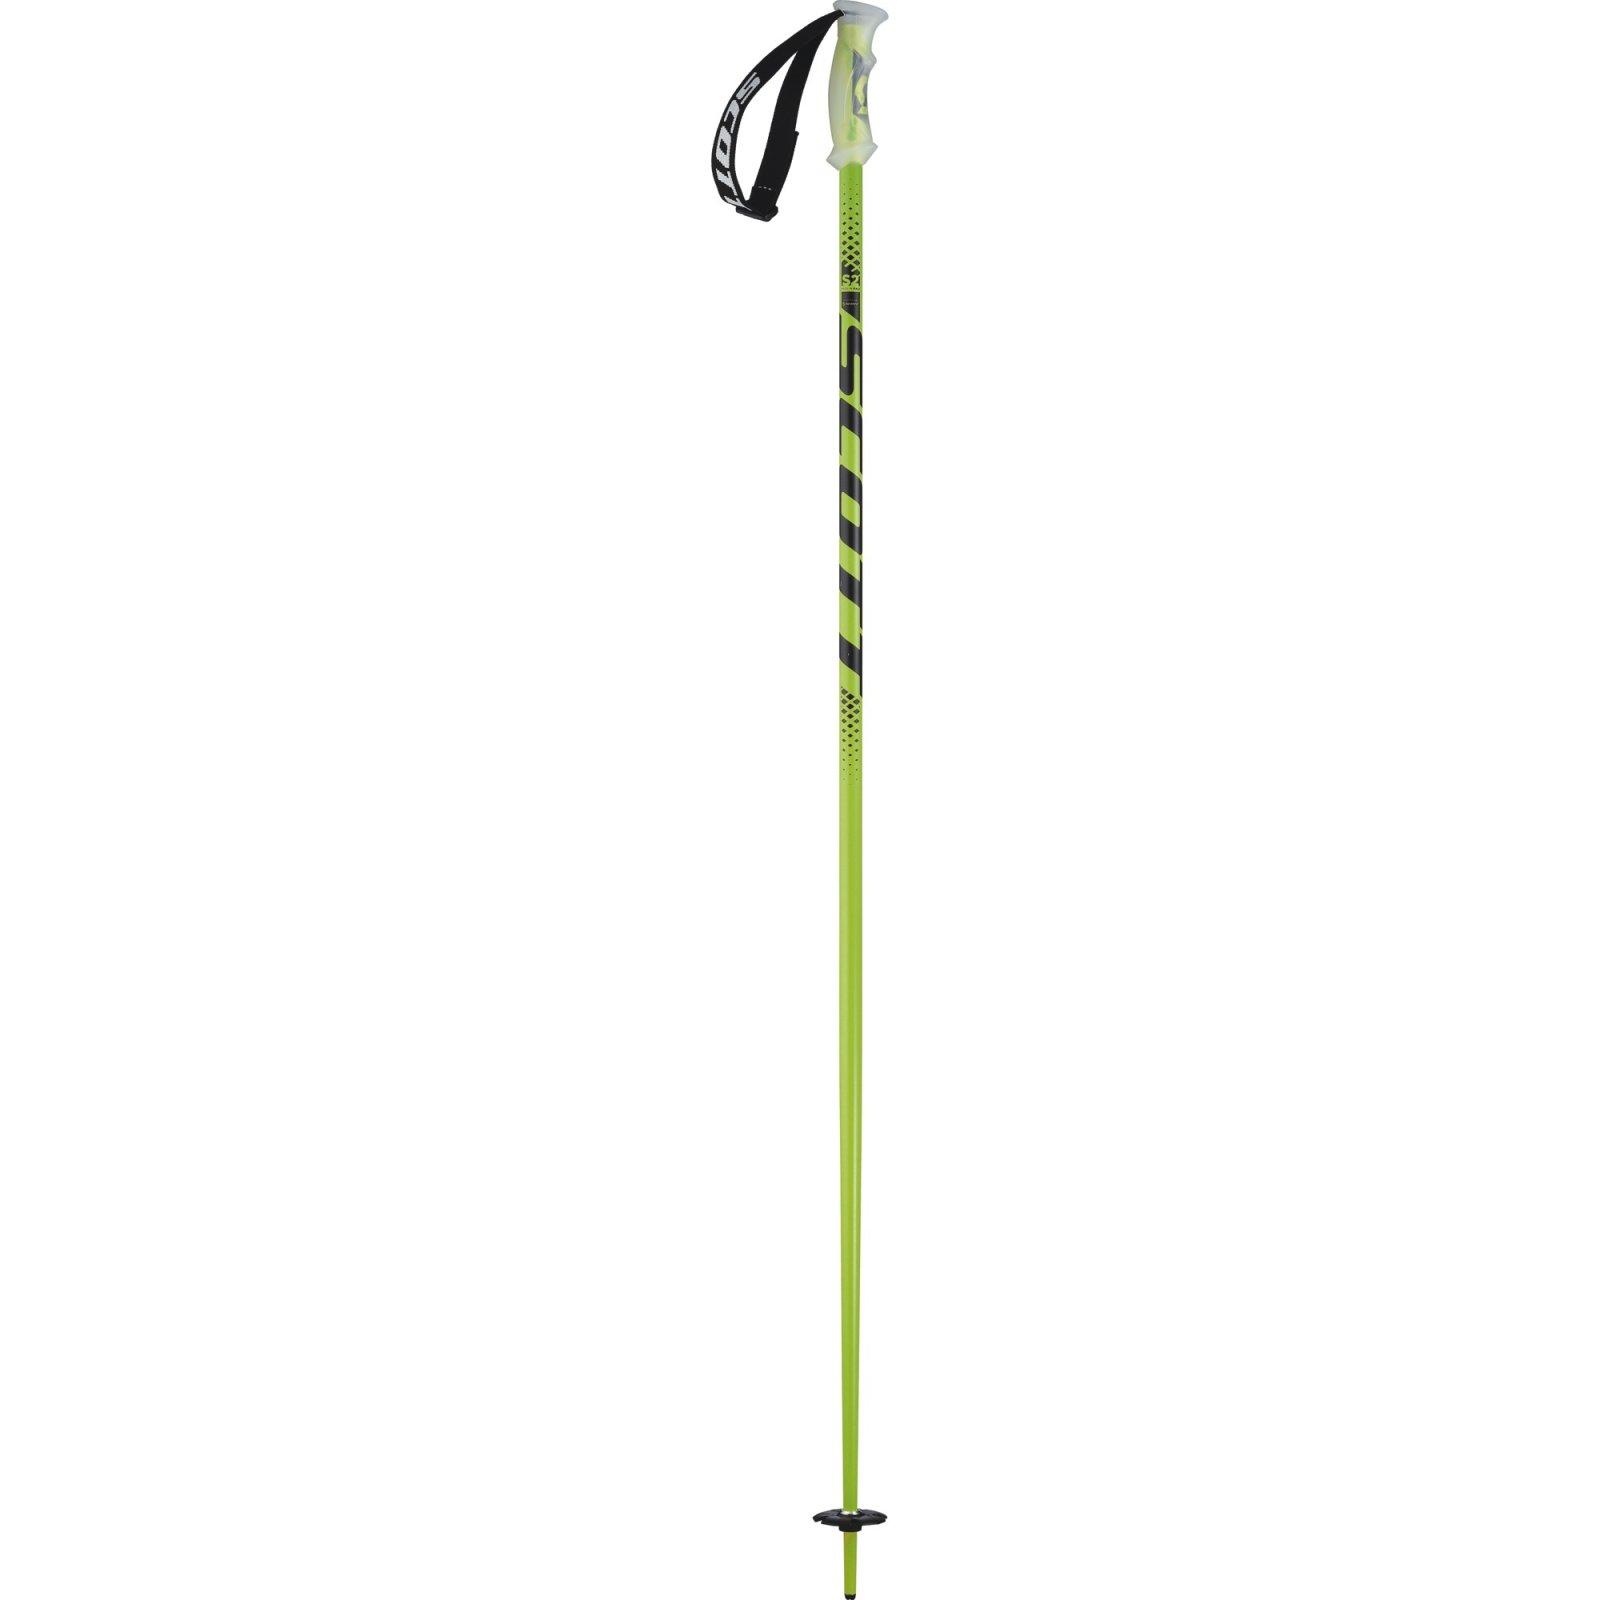 Scott 540 Ski Poles